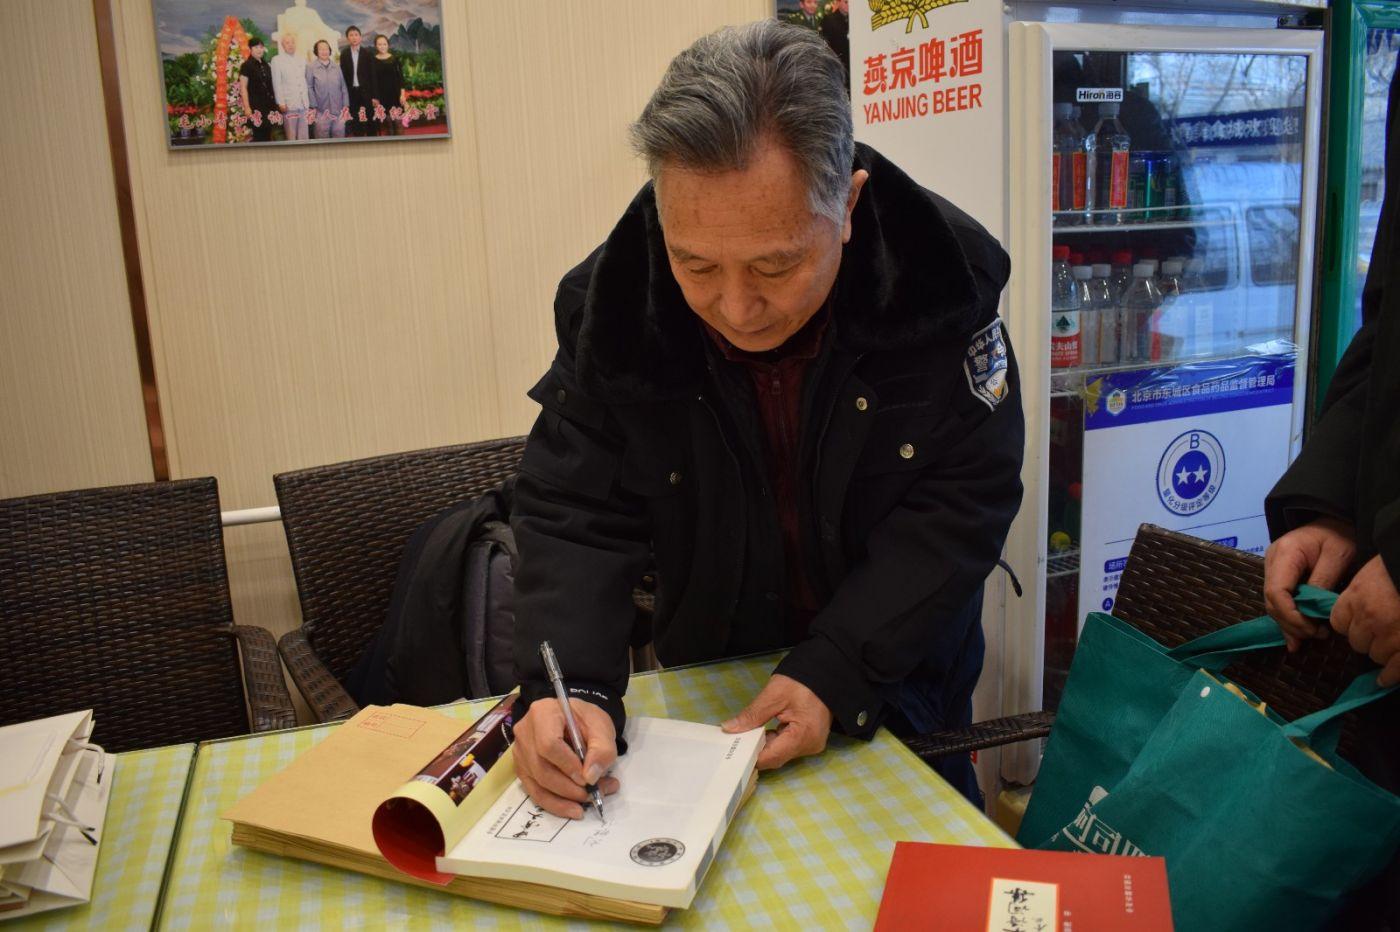 纪念毛泽东诞辰125周年《甲骨文毛泽东诗词集》  出版发布会在京举办 ... ... ..._图1-5